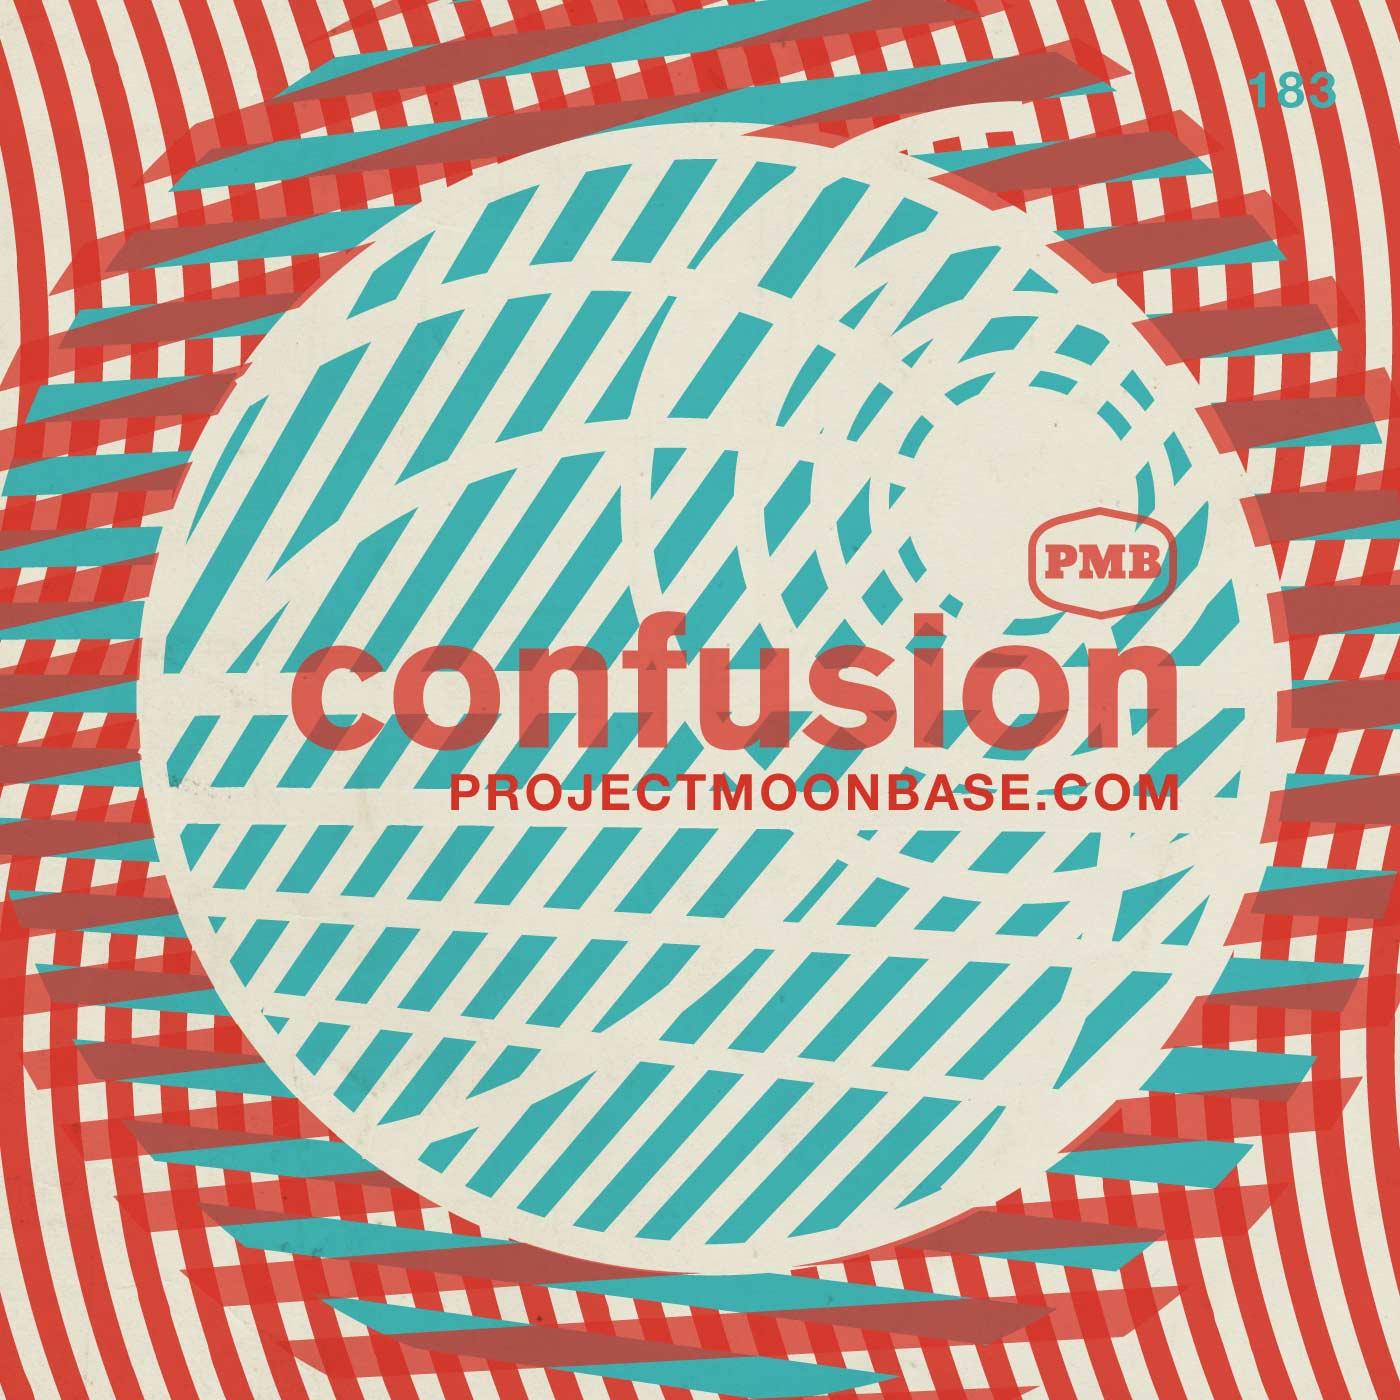 PMB183 Confusion